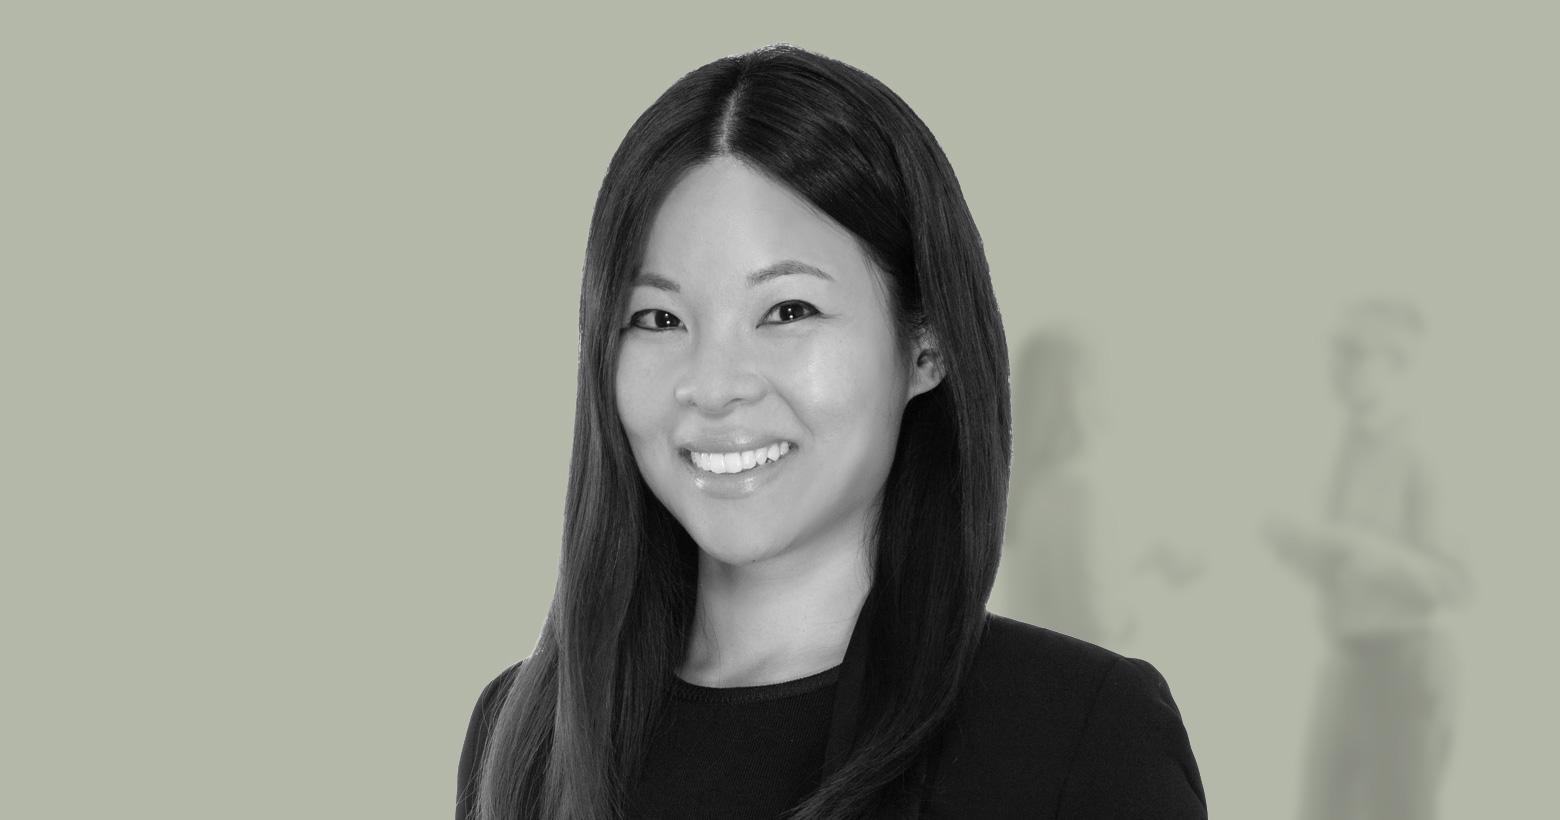 Valerie Fung